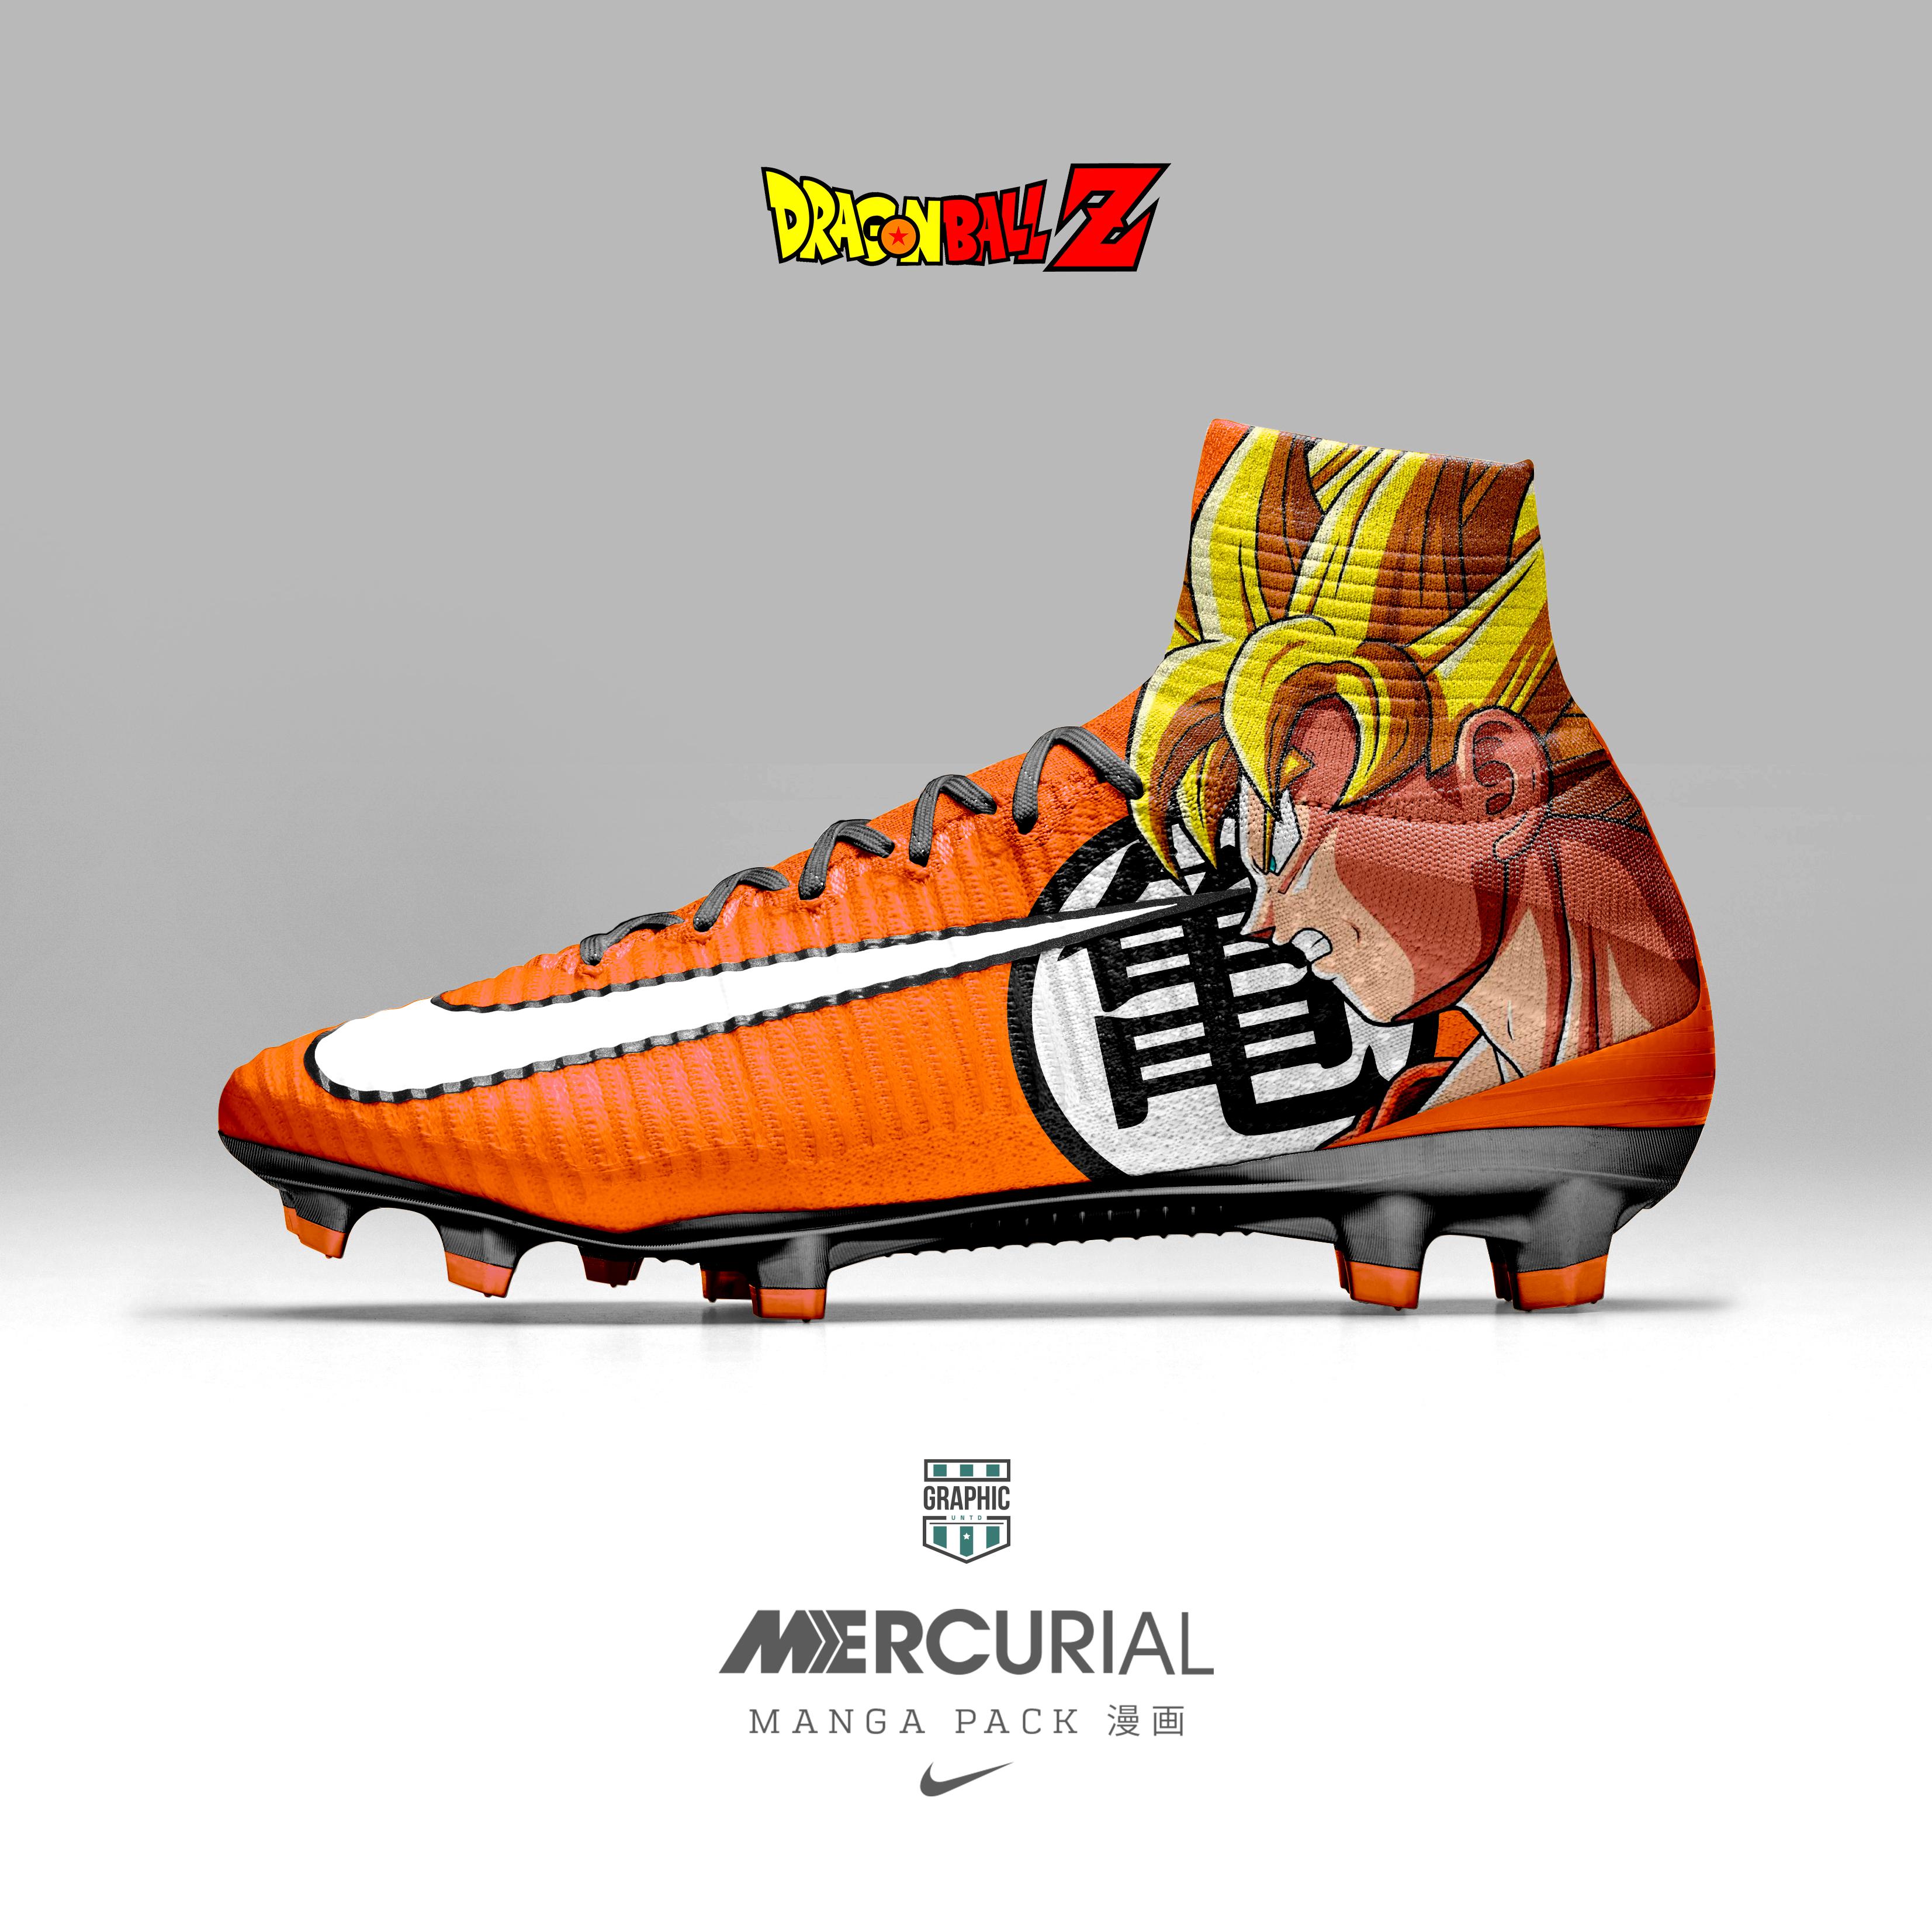 Nike_DBZ